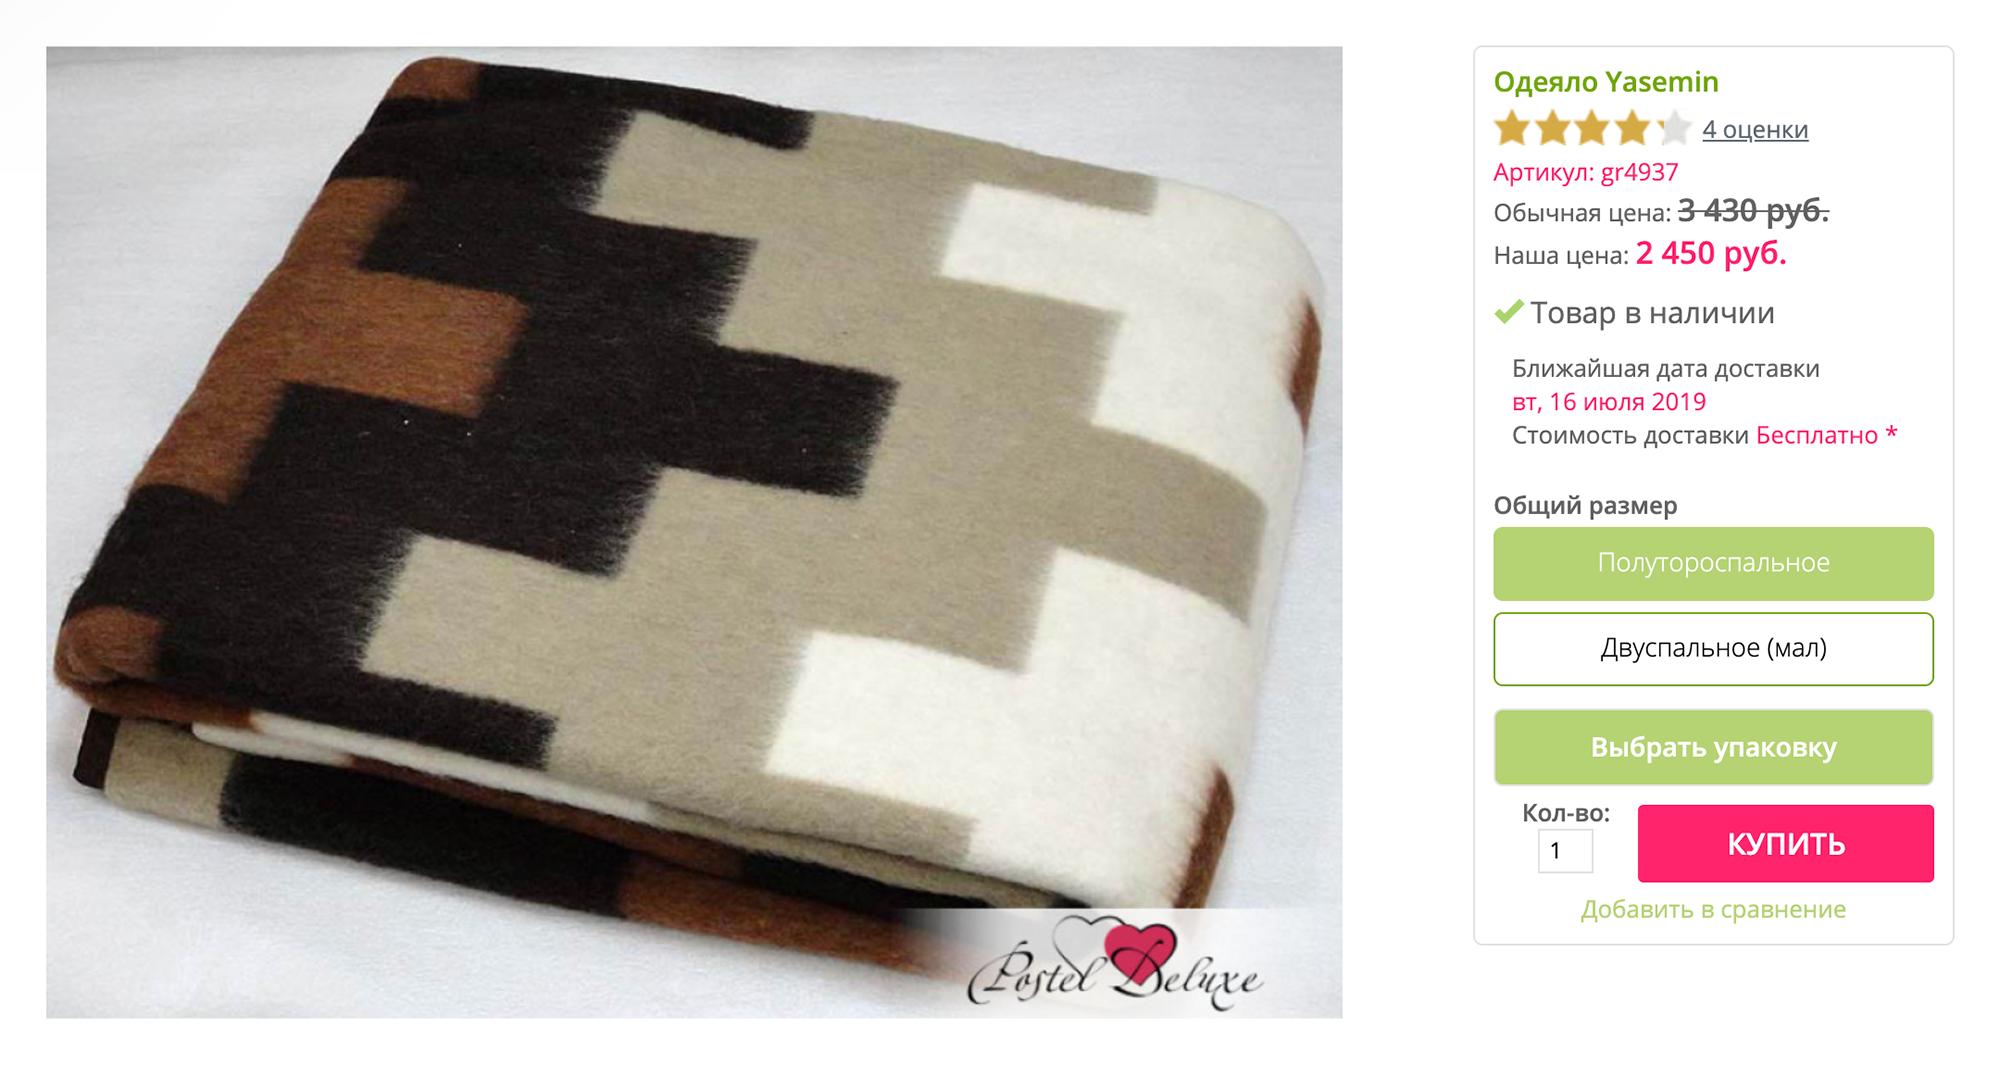 Одеяло из шерсти мериноса можно купить в интернете за 2570 рублей